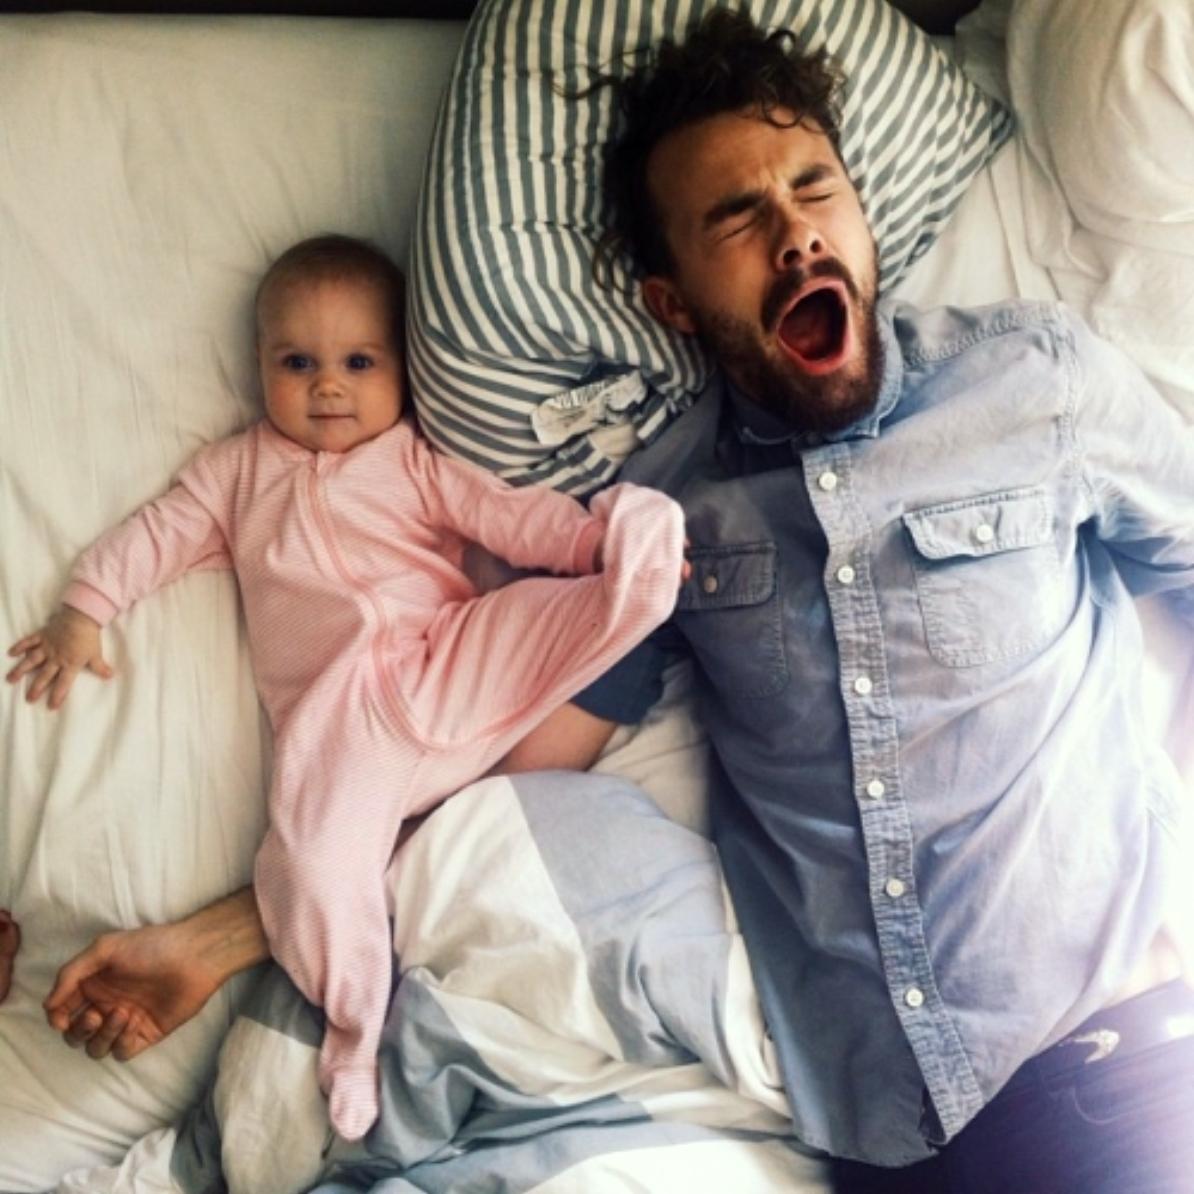 Руские отец и доч 1 фотография